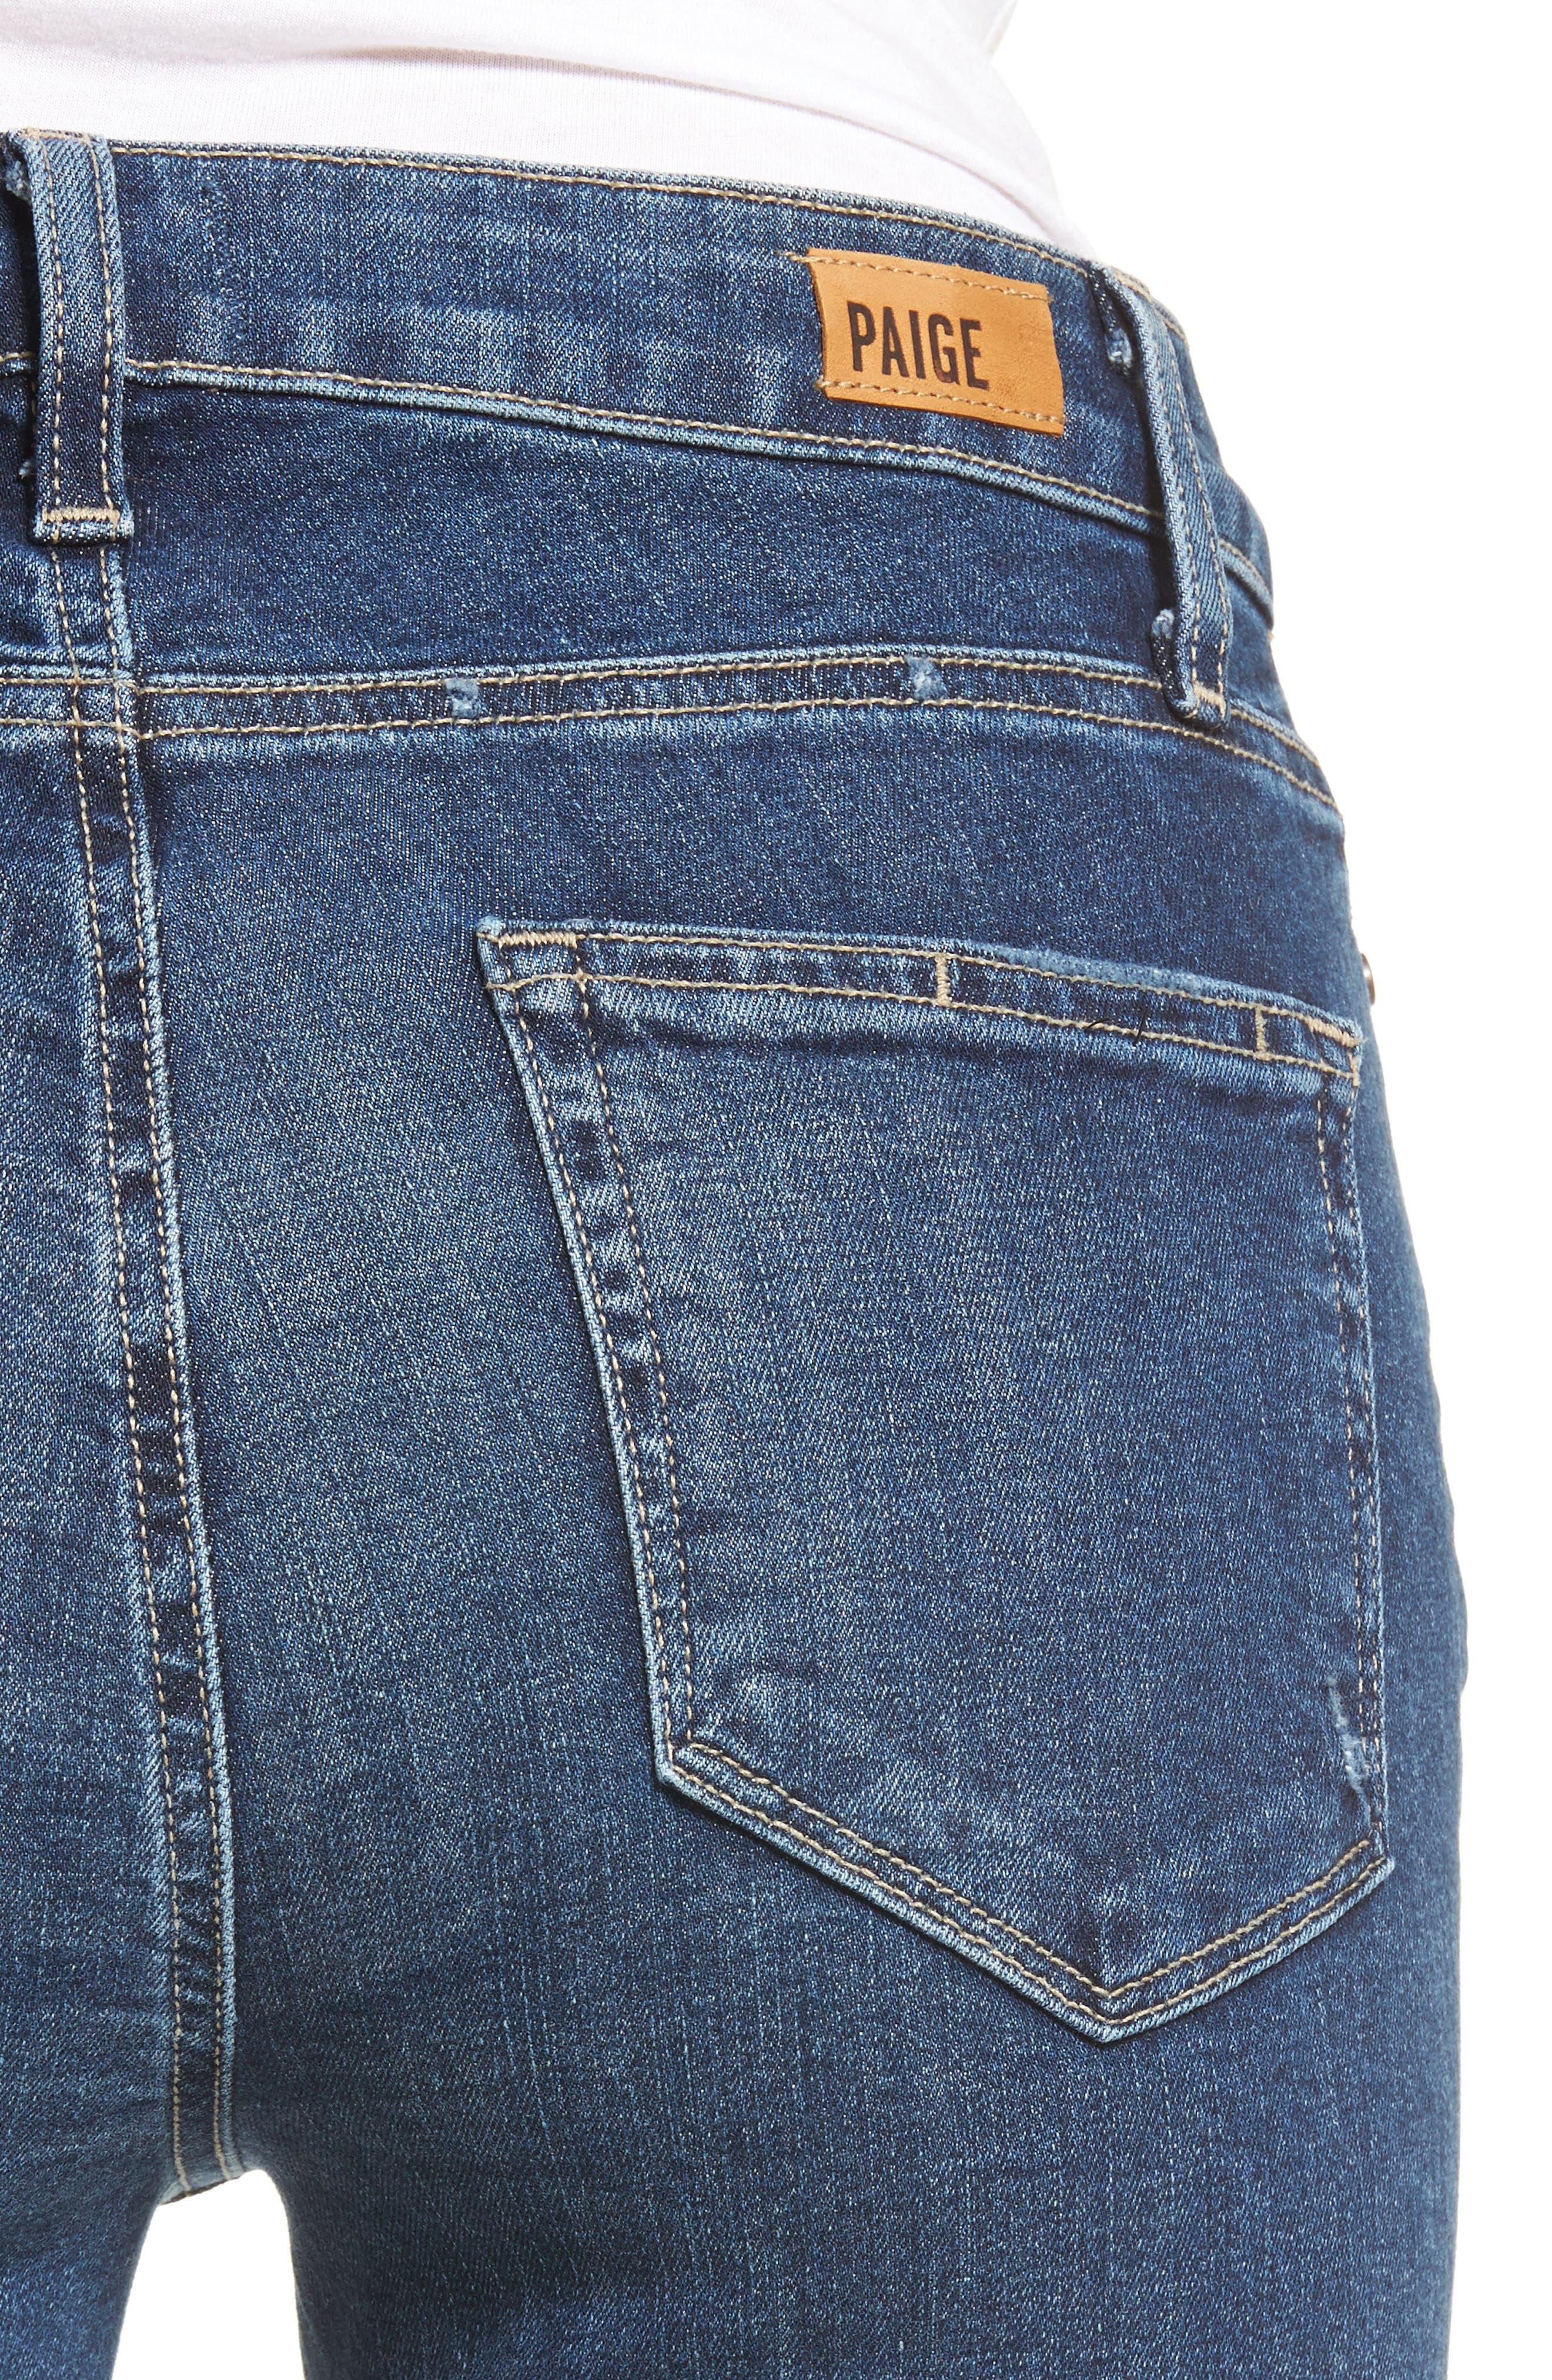 Transcend Vintage - Hoxton High Waist Ankle Peg Jeans,                             Alternate thumbnail 6, color,                             Riviera